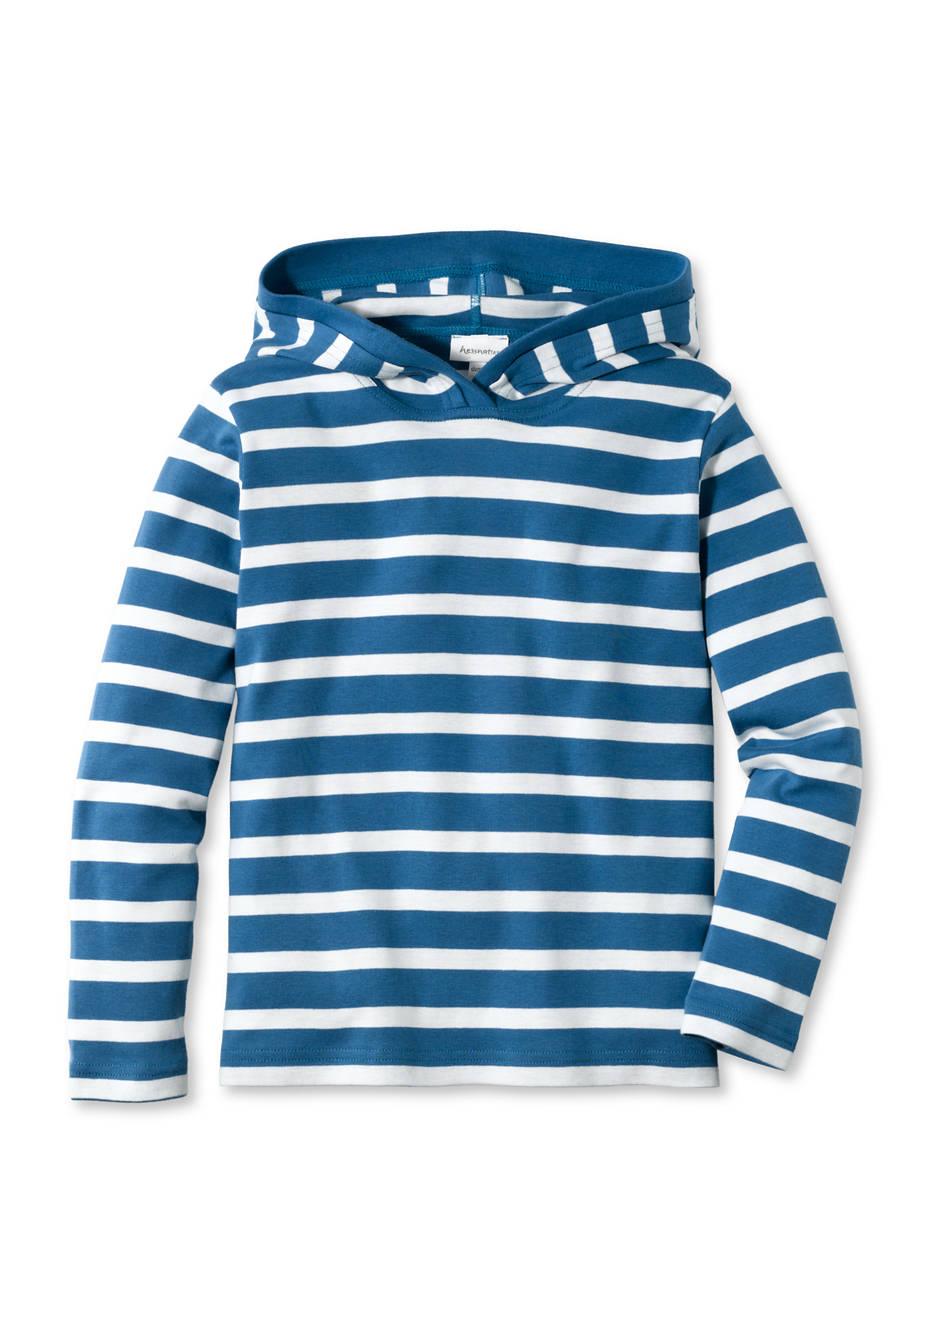 Streifen-Shirt aus reiner Bio-Baumwolle